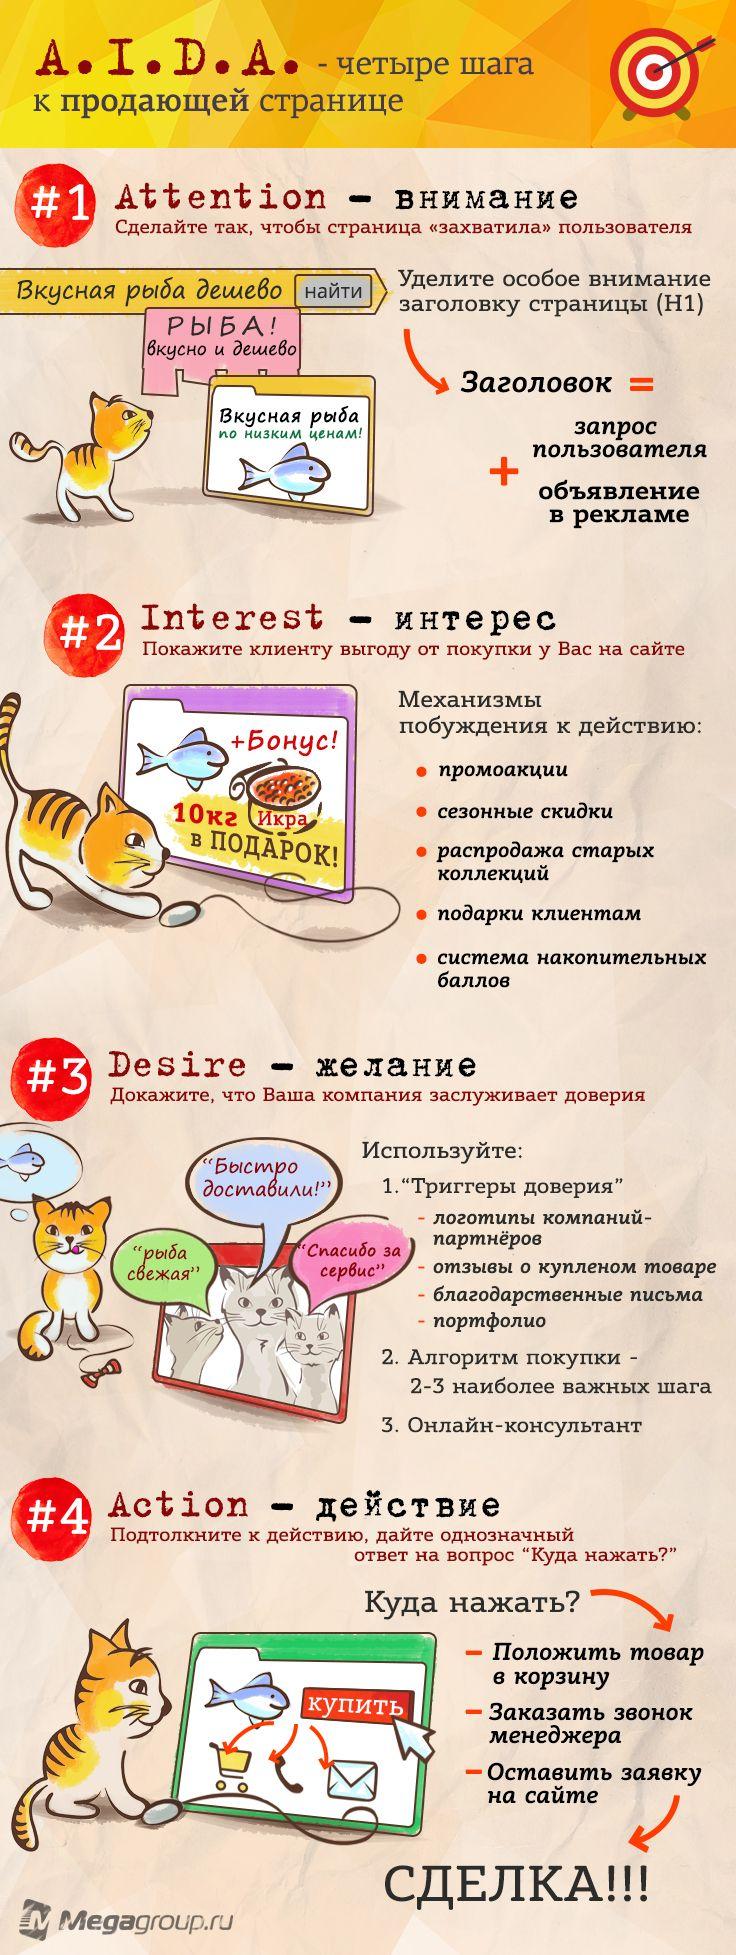 Как создать хорошую продающую страницу на Вашем сайте, чтобы она УБЕЖДАЛА потенциального покупателя, что ИМЕННО ЗДЕСЬ И СЕЙЧАС он должен СОВЕРШИТЬ СДЕЛКУ?   Ведущие маркетологи рекомендуют «подавать» информацию клиенту на основе принципа AIDA (Attention, Interest, Desire, Action), русское название – ВИЖД (Внимание, Интерес, Желание, Действие). Он позволяет более успешно «превращать» посетителей сайта в покупателей. В инфографике мы наглядно показали, как работает эта схема.